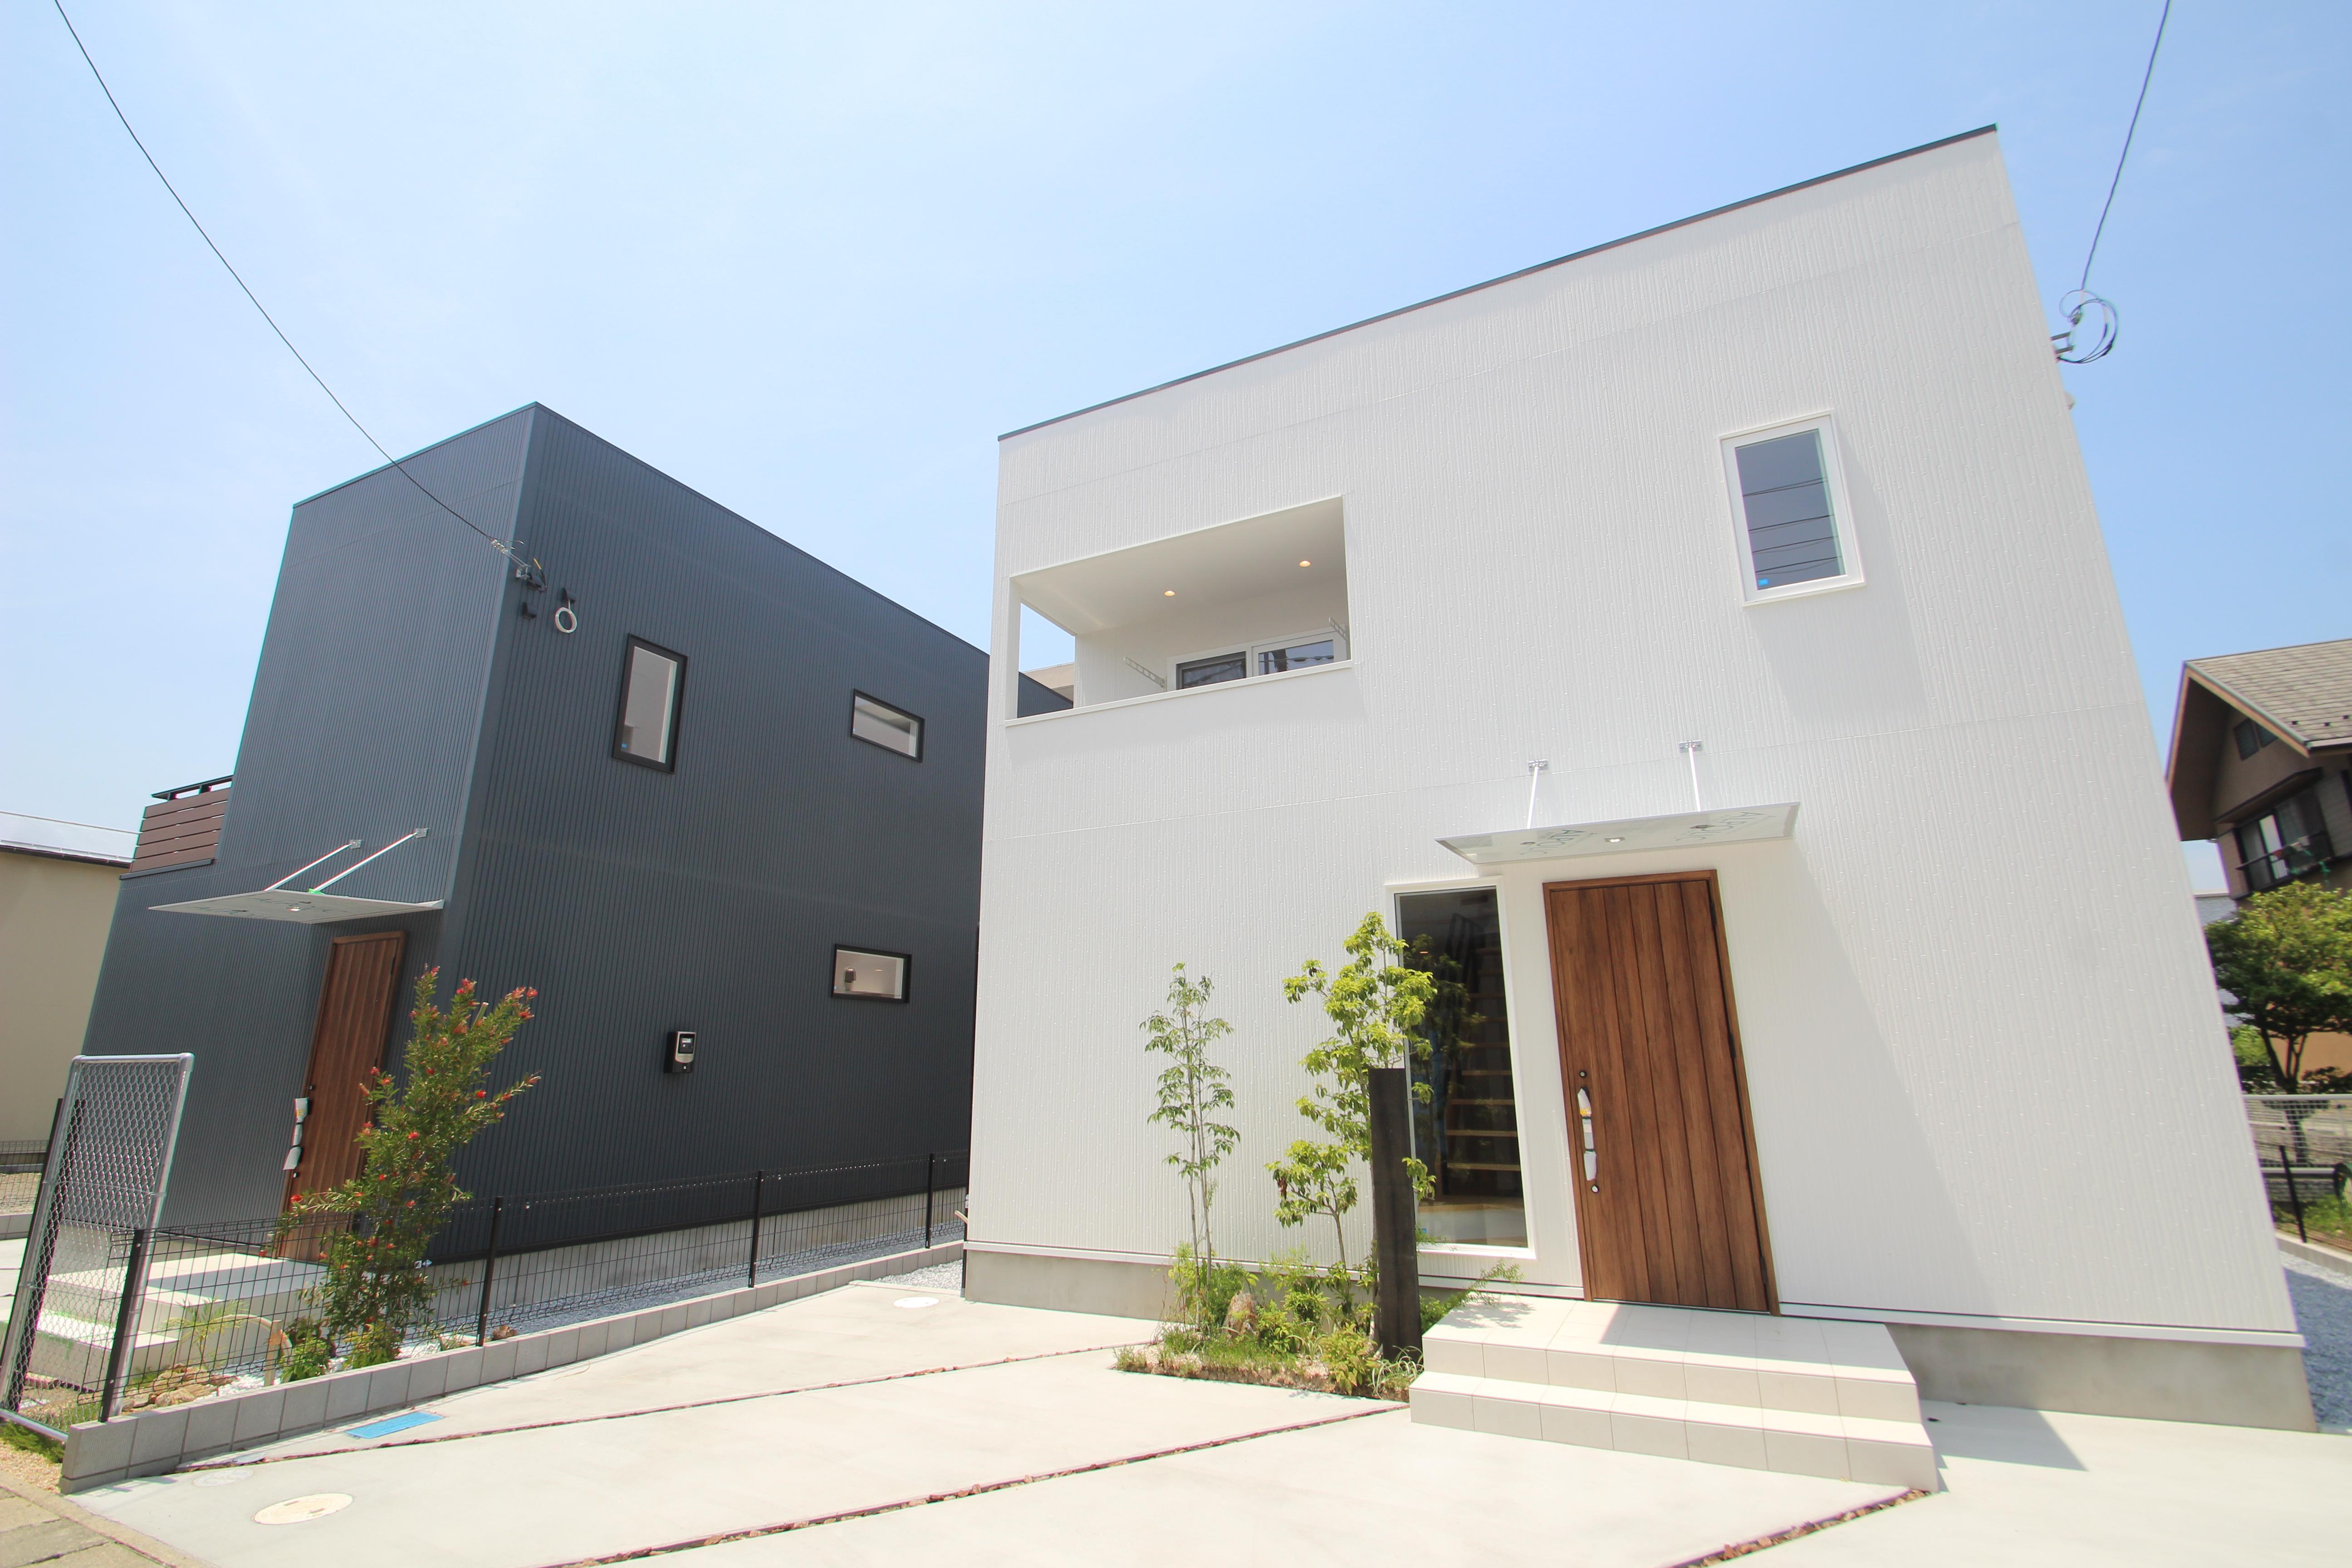 【オープンハウス開催】FUN FUN FUN~楽しさに包まれた家~